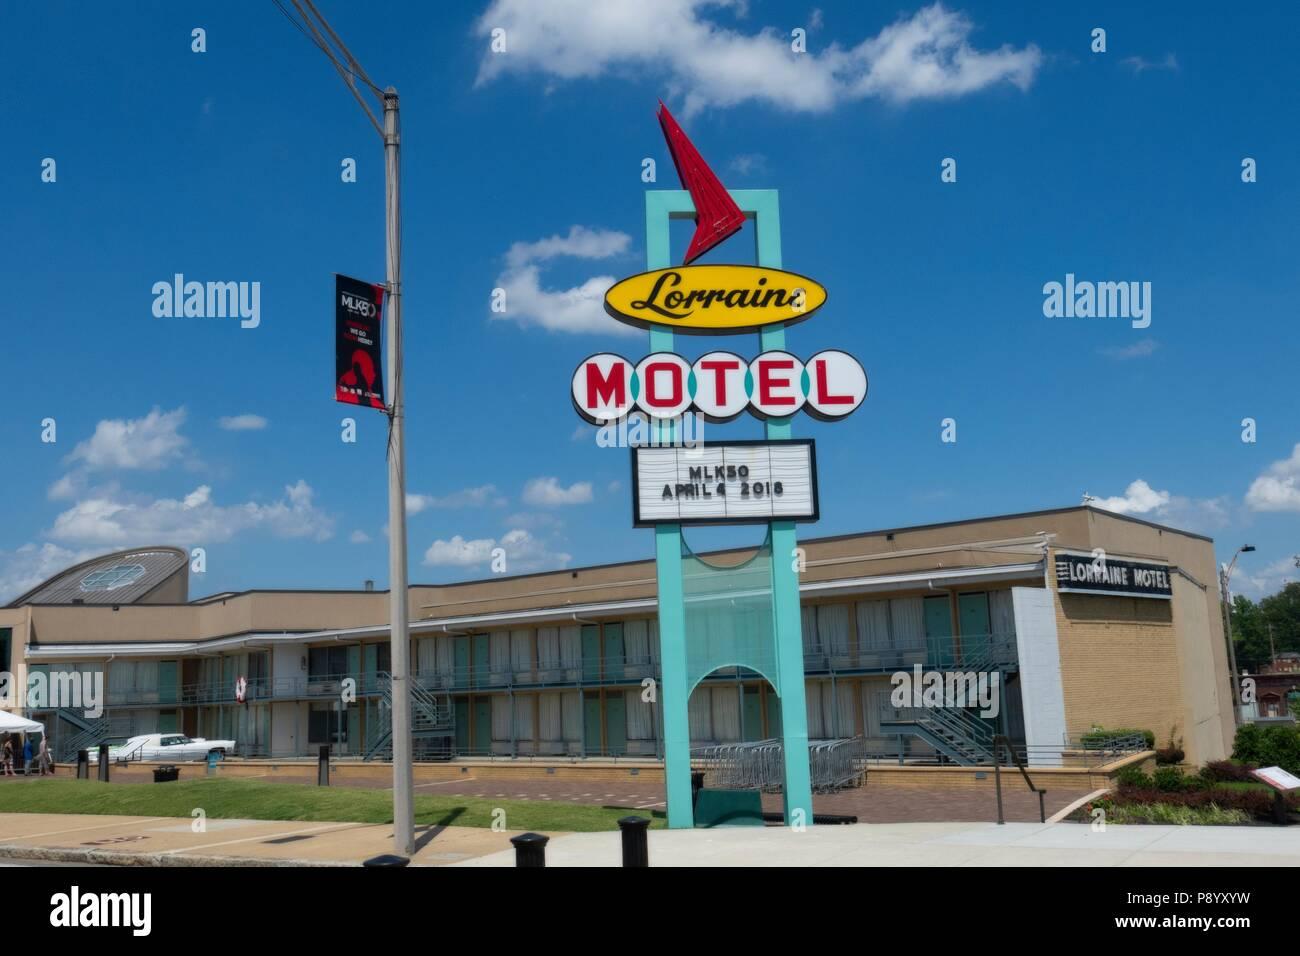 Ripristinato il neon segno esterno della Lorraine Motel, dove Martin Luther King è stato ucciso, è stato restaurato come il National Civil Rights Museum a Memphis Foto Stock